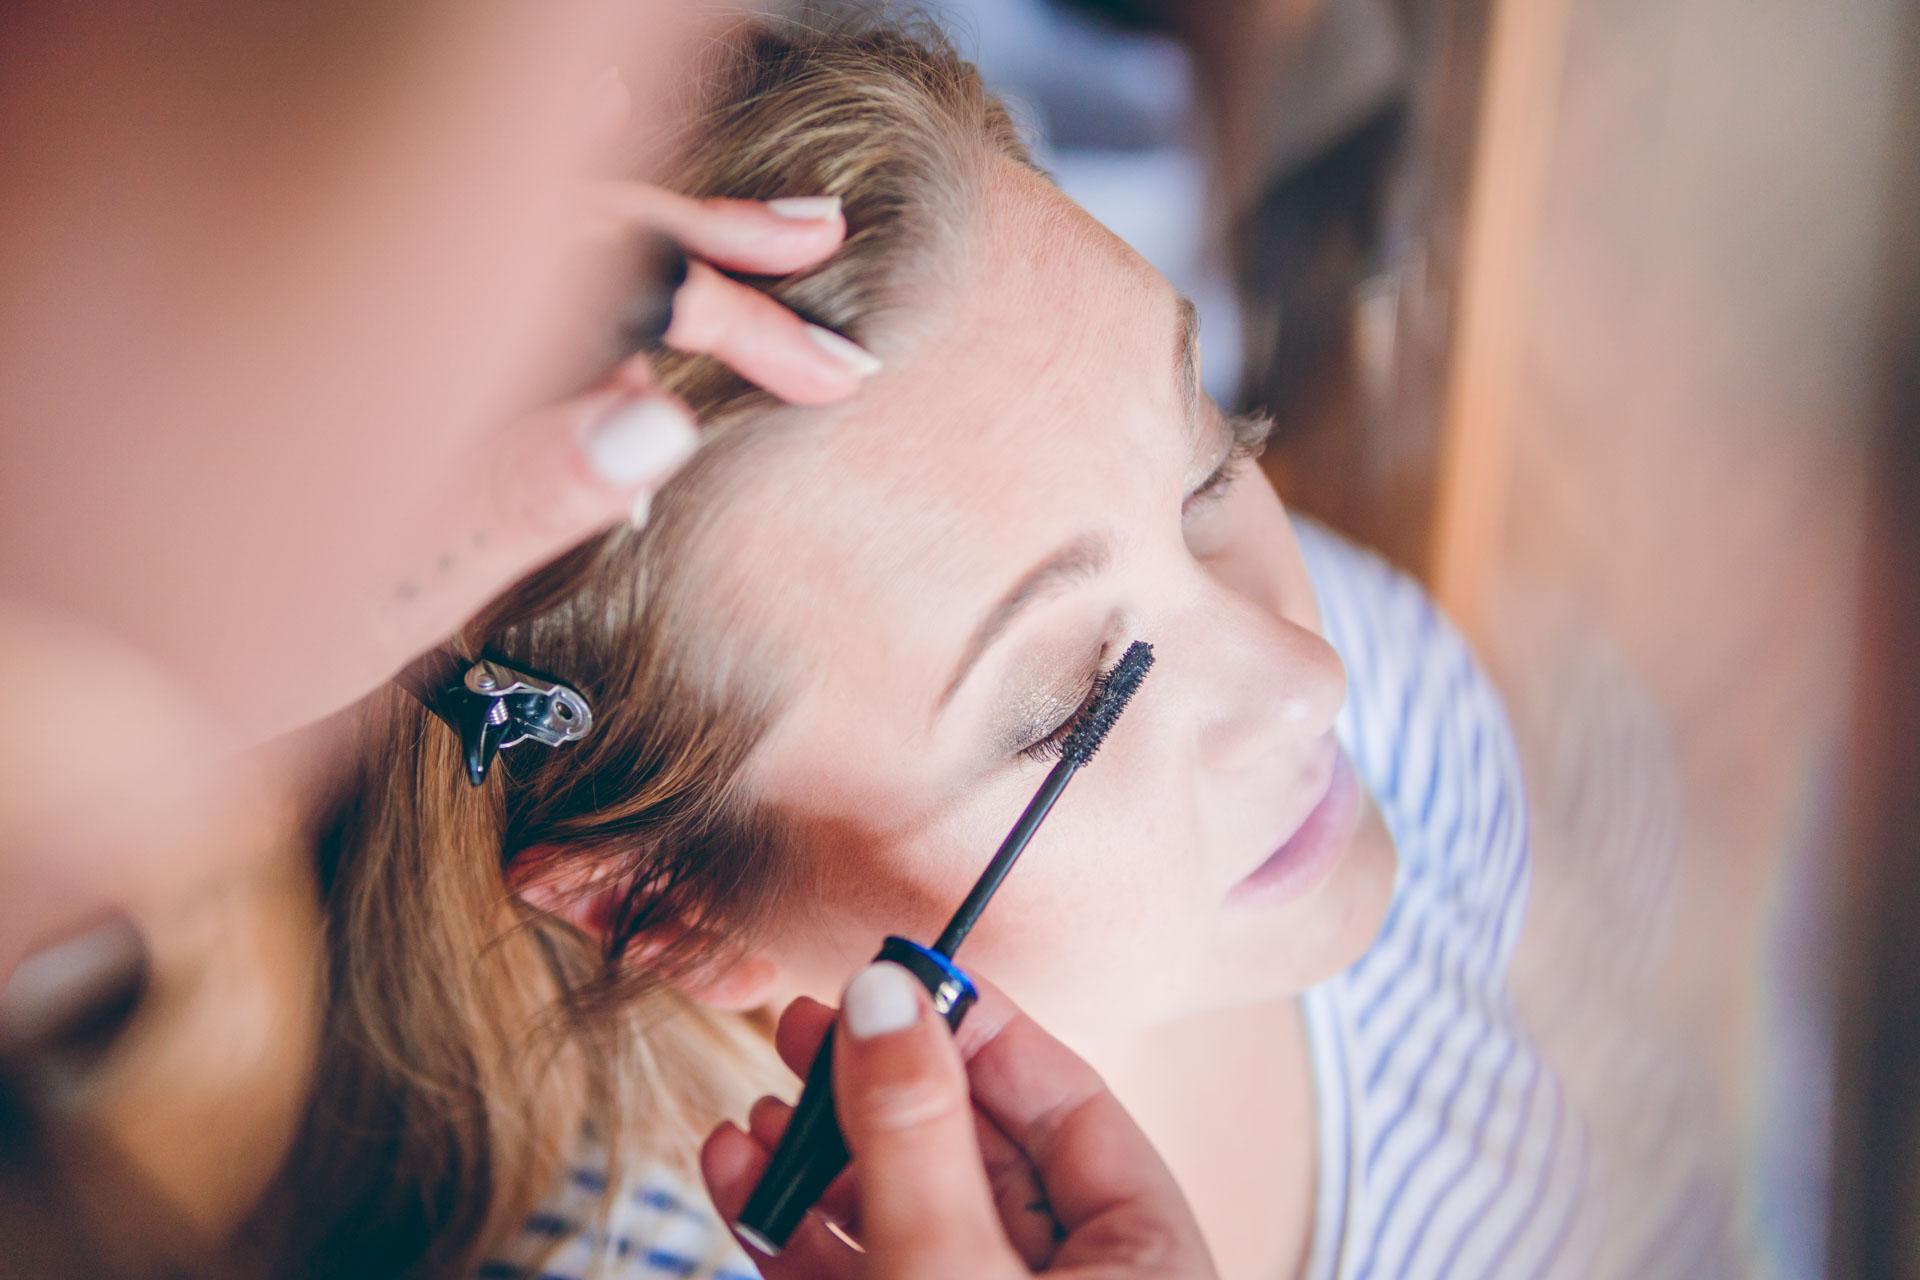 Vorbereitungen am Hochzeitstag schminken der Braut